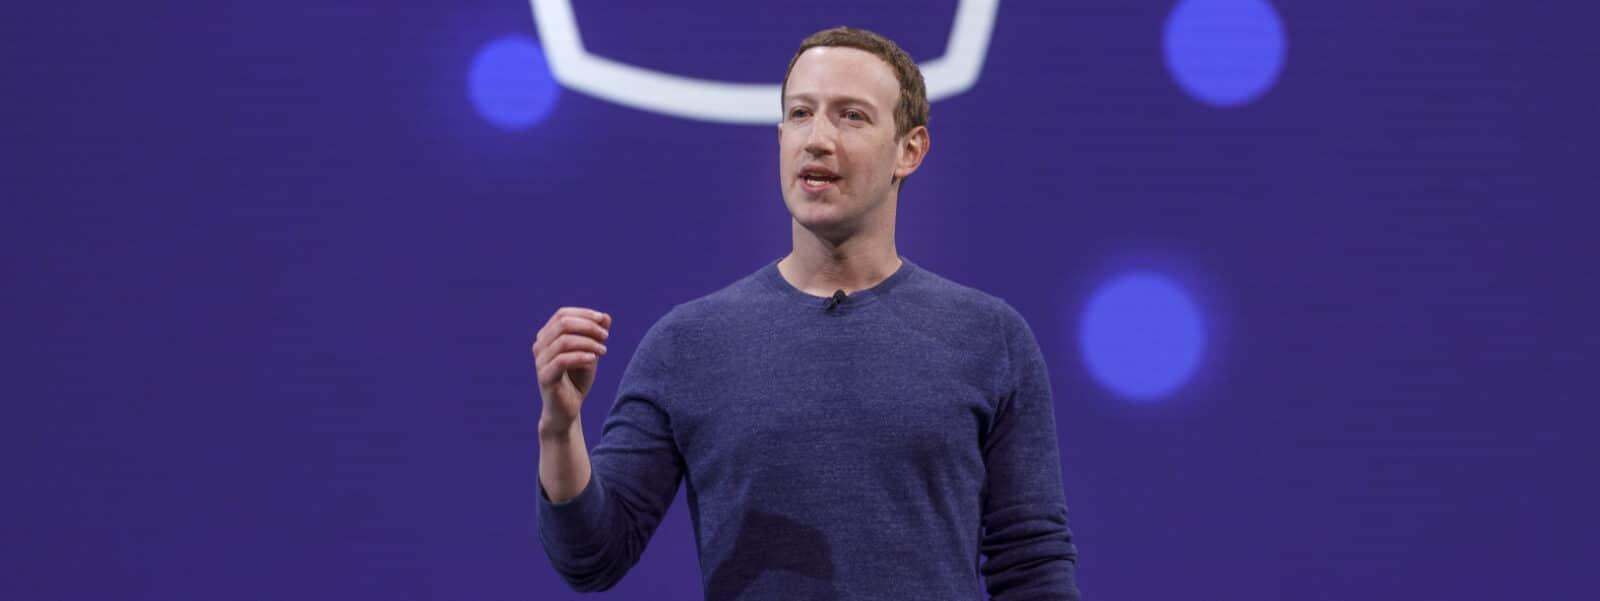 สรุปการอัพเดตและเหตุการณ์สำคัญ Facebook 2018